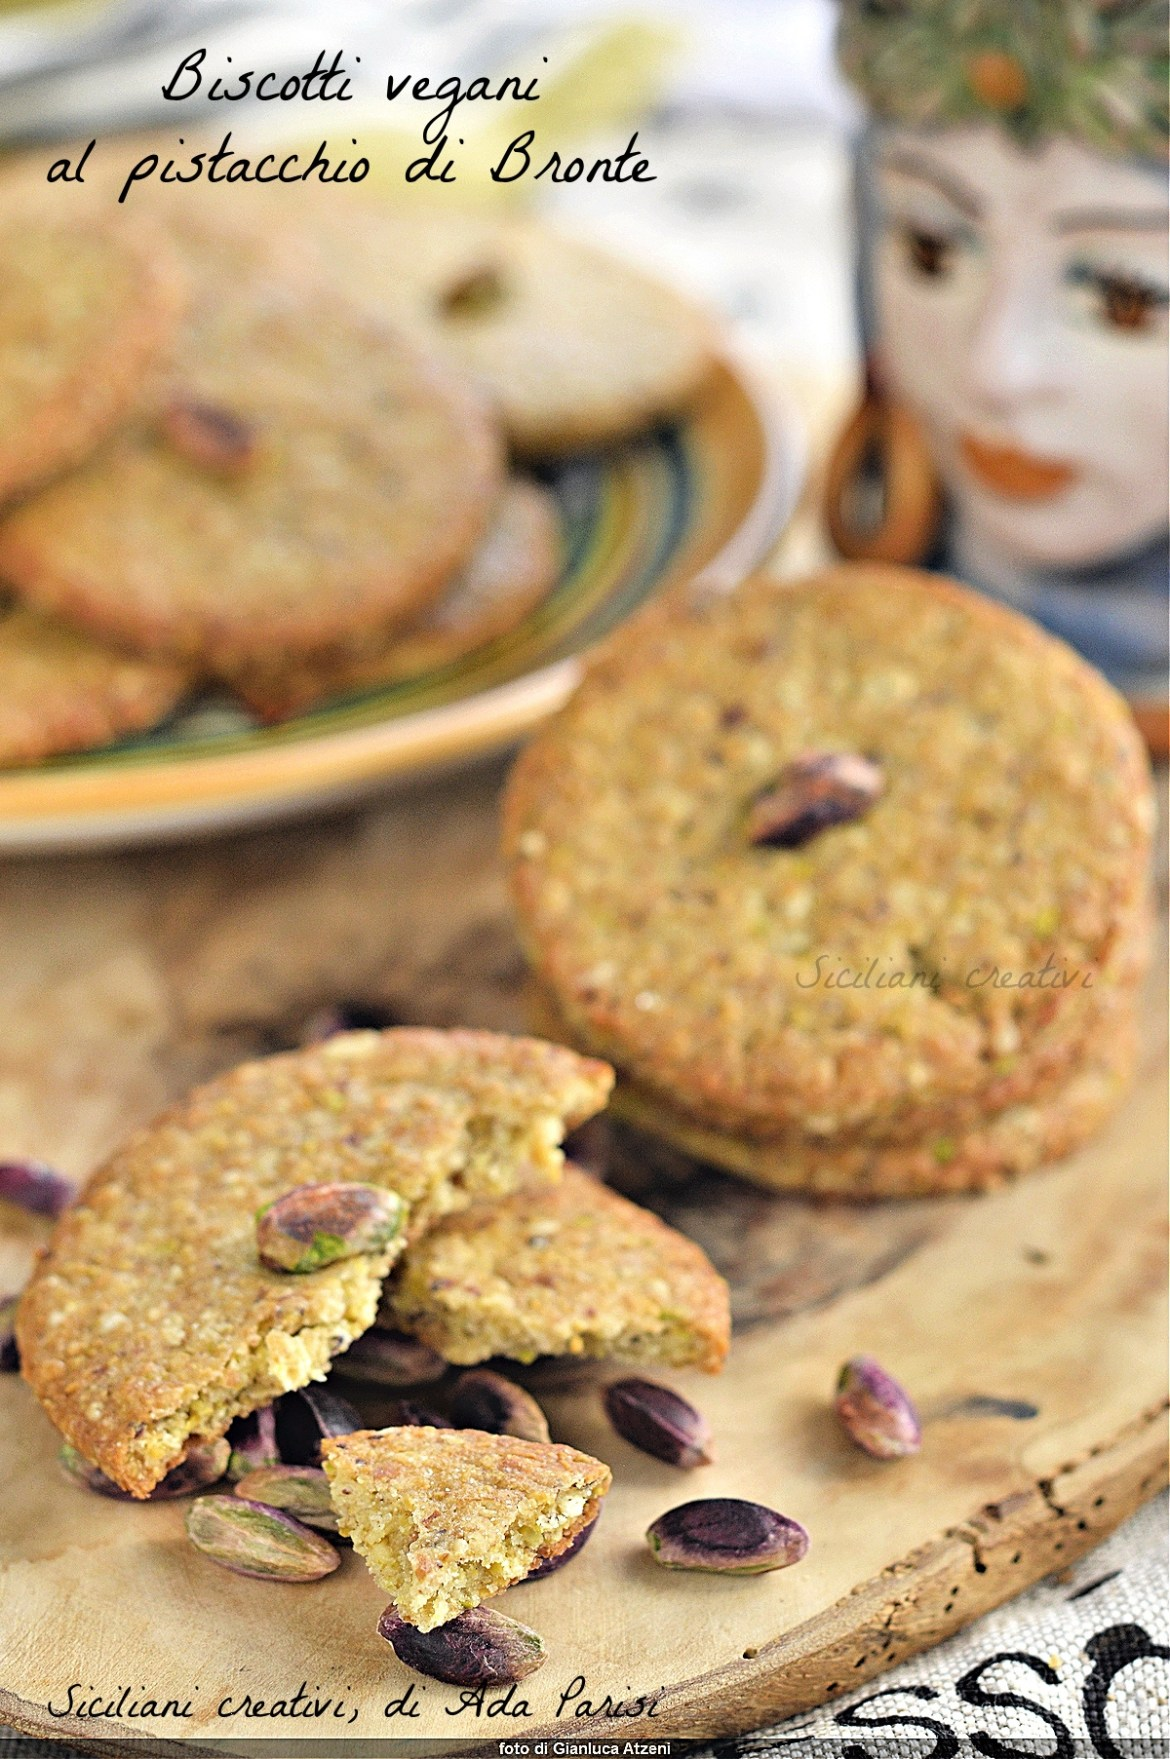 Biscotti vegani al pistacchio di Bronte